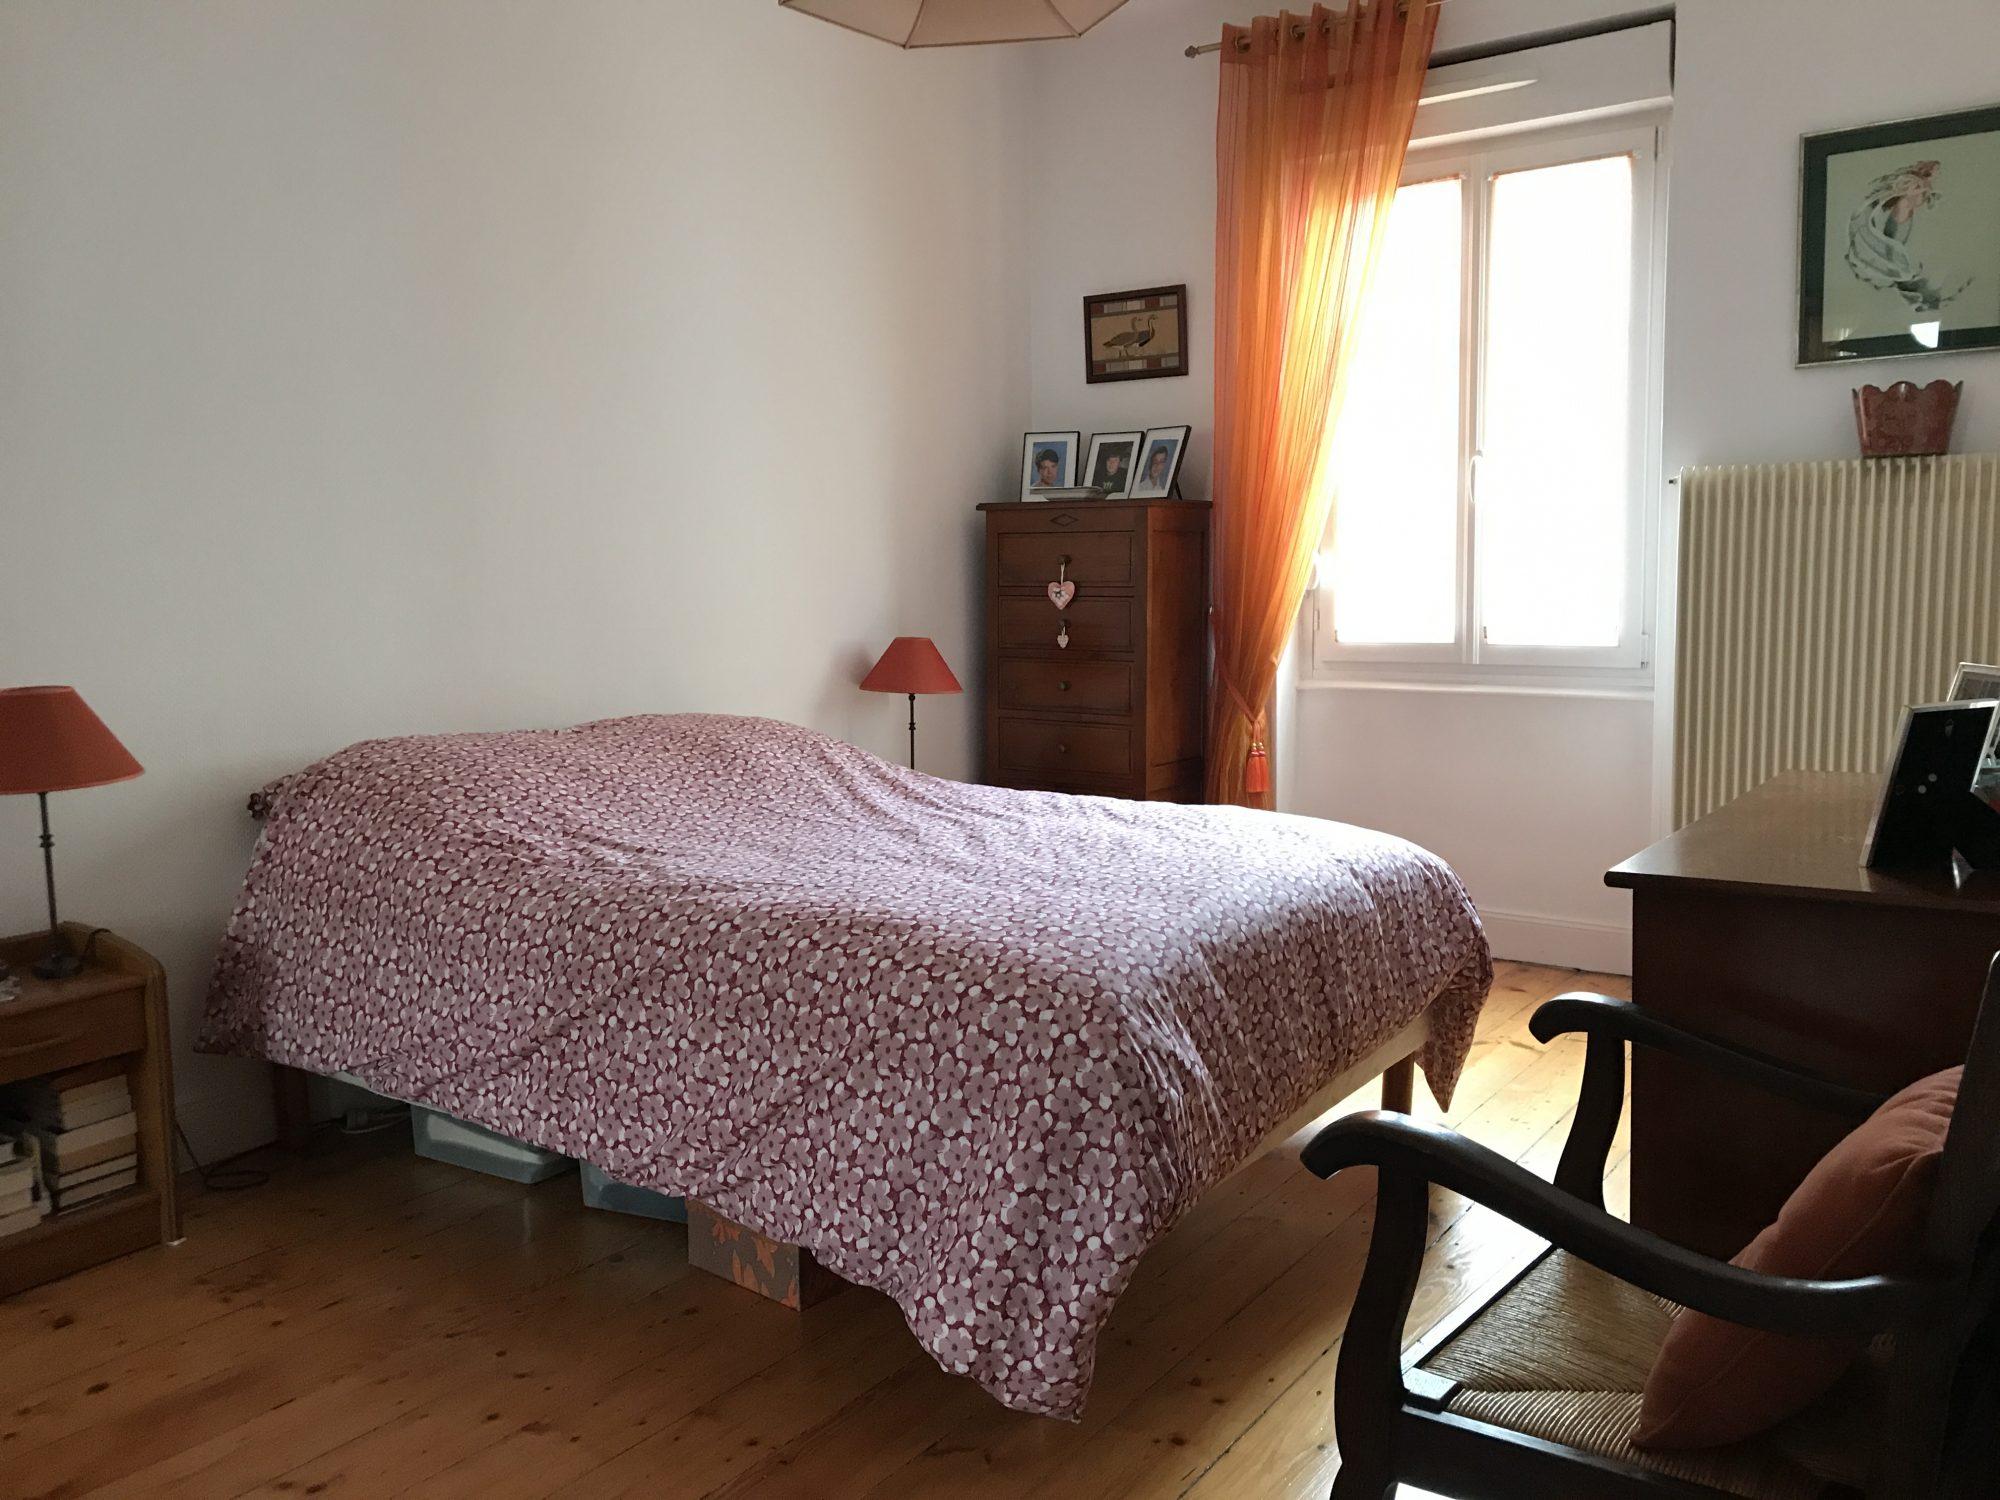 INVESTISSEMENT LOCATIF - Devenez propriétaire en toute confiance - Bintz Immobilier - 4